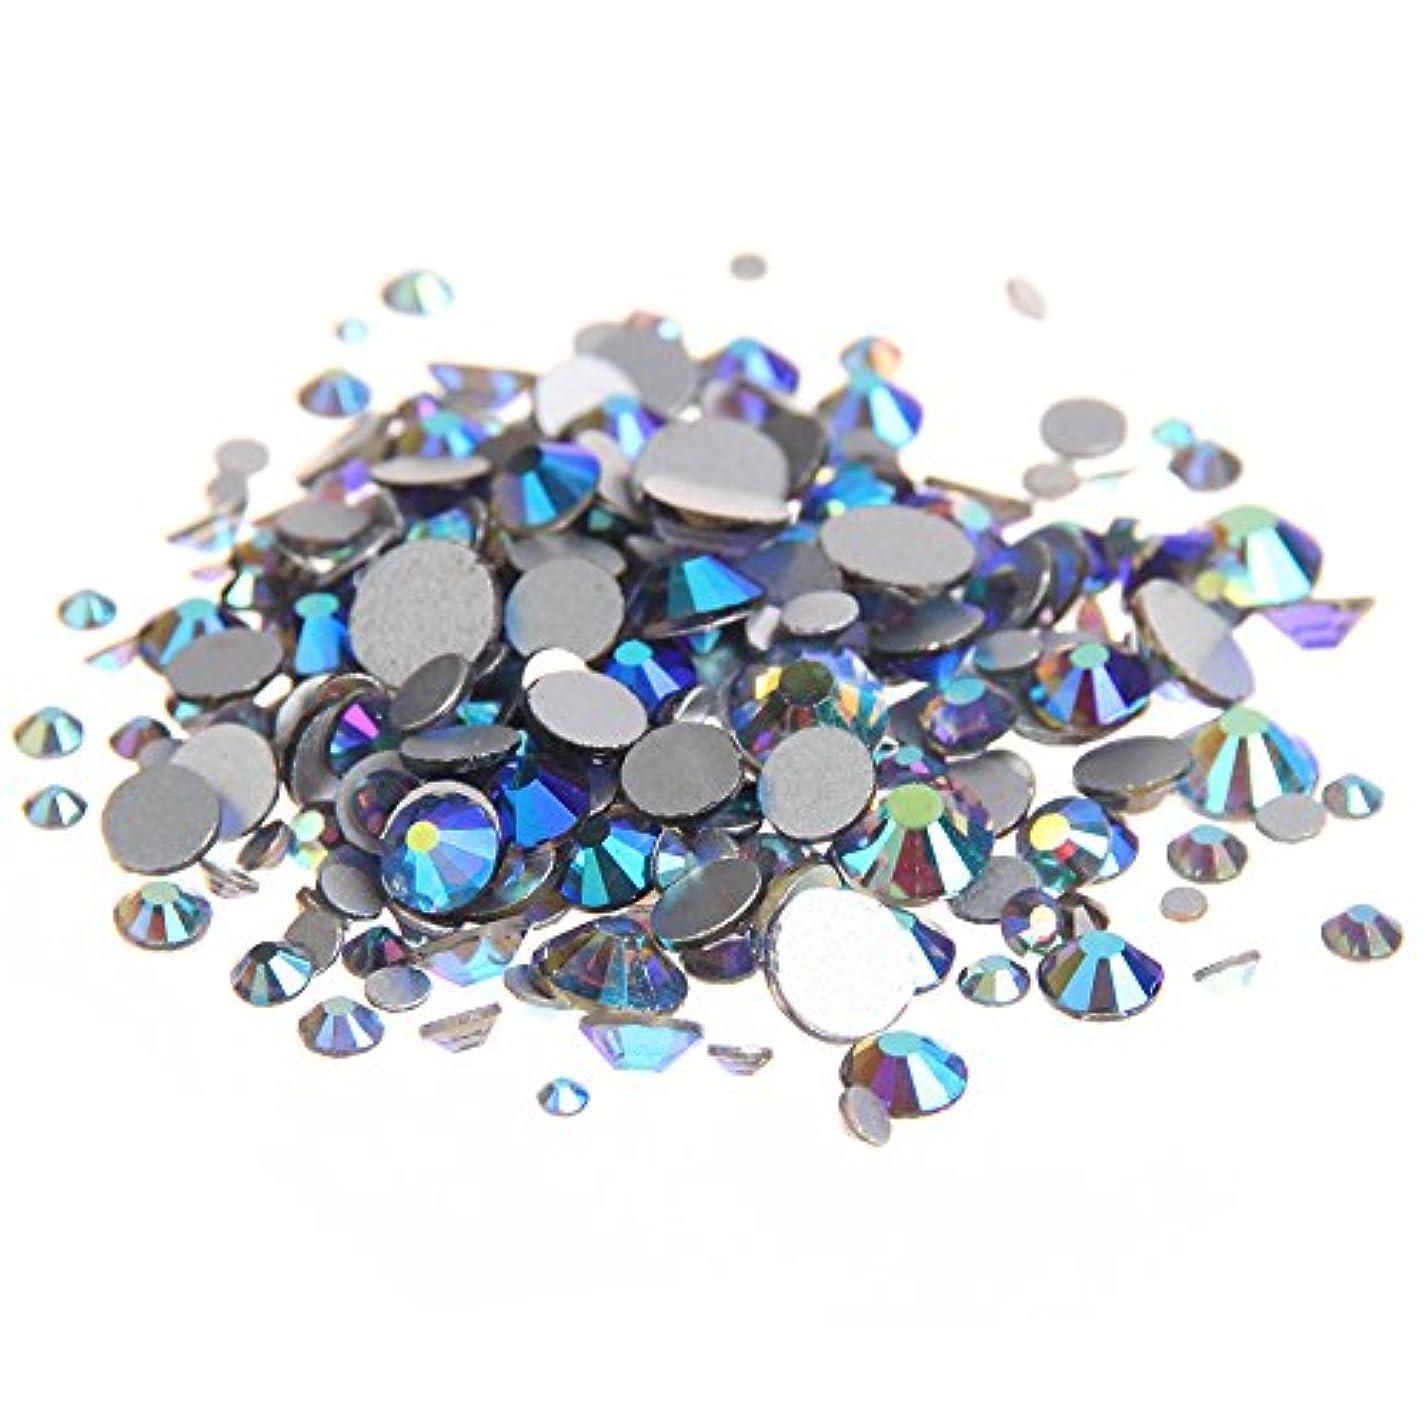 依存する調停するフィクションNizi ジュエリー ブランド ブラックダイヤモンドオーロラ ラインストーン は ガラスの材質 ネイル使用 型番ss3-ss30 (混合サイズ 1000pcs)